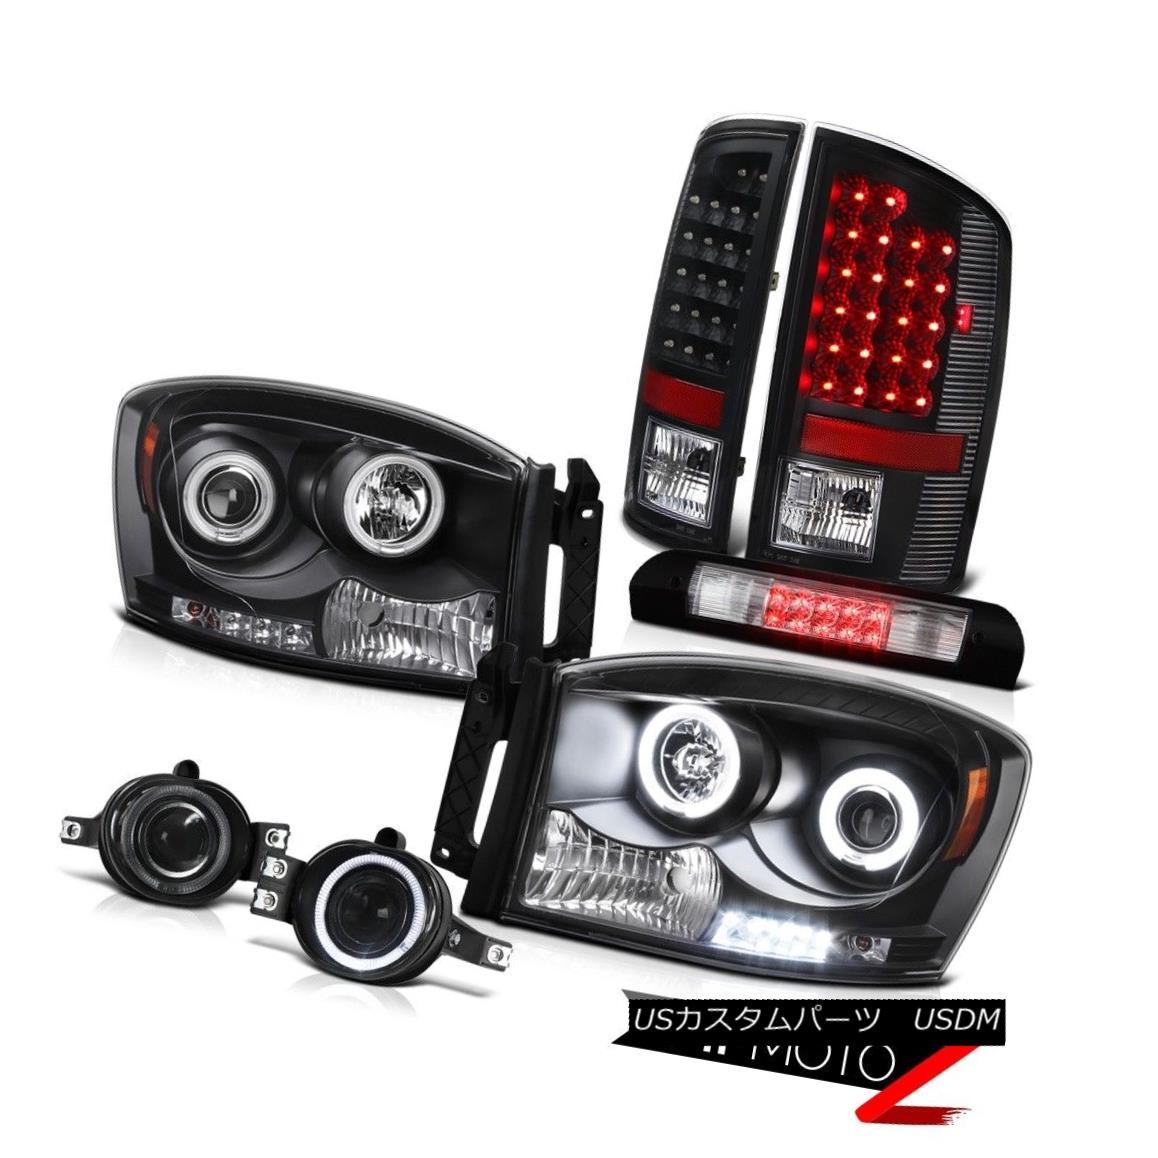 ヘッドライト 2X CCFL Headlights LED Taillamps Smoke Fog High Brake 2006 Dodge Ram PowerTech 2X CCFLヘッドライトLEDタイルランプスモークフォッグハイブレーキ2006 Dodge Ram PowerTech